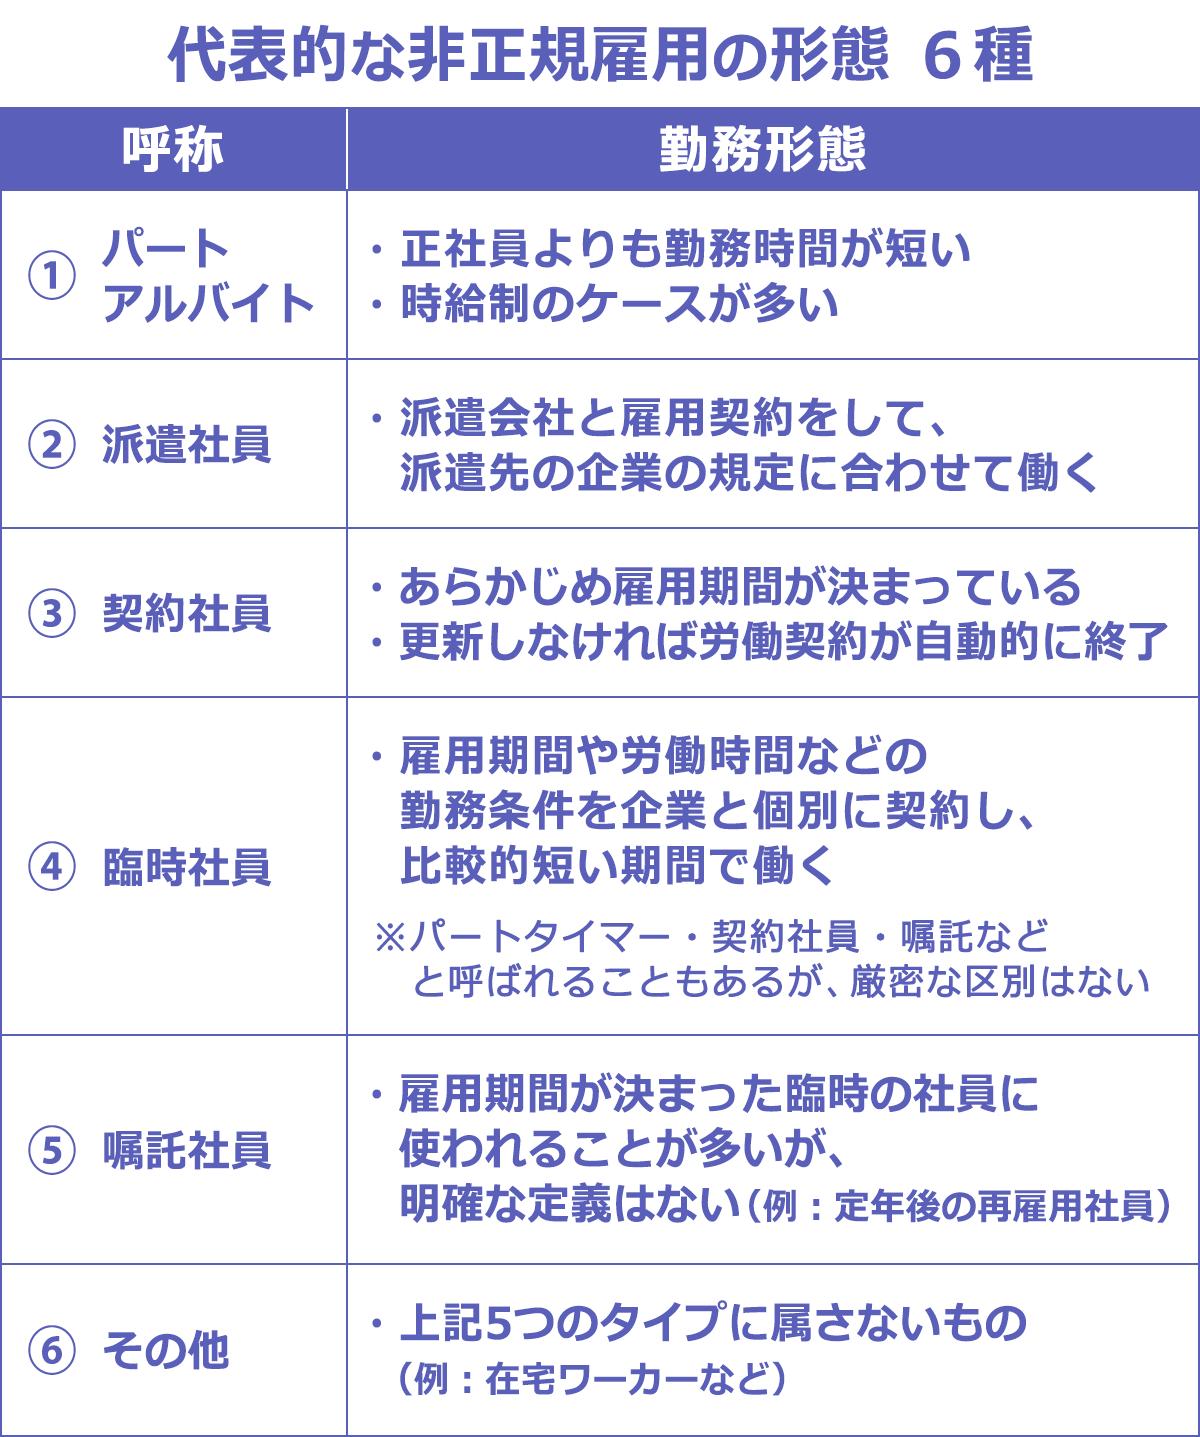 労働 非 者 正規 統計局ホームページ/統計Today No.97